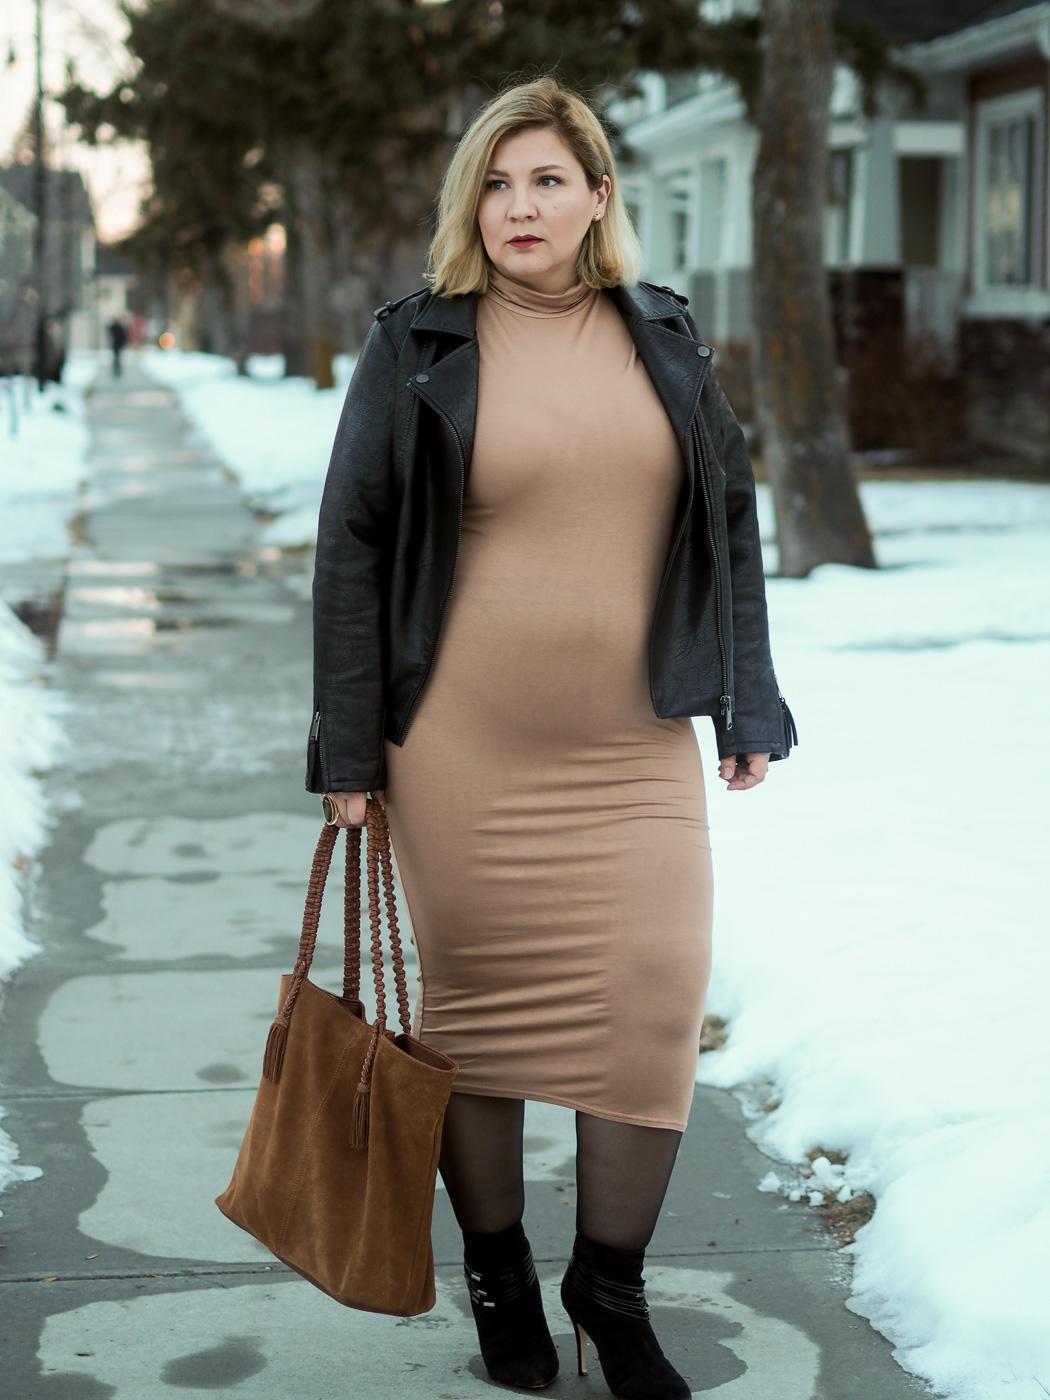 strizhki-dlya-polnyx-zhenshhin-foto_7